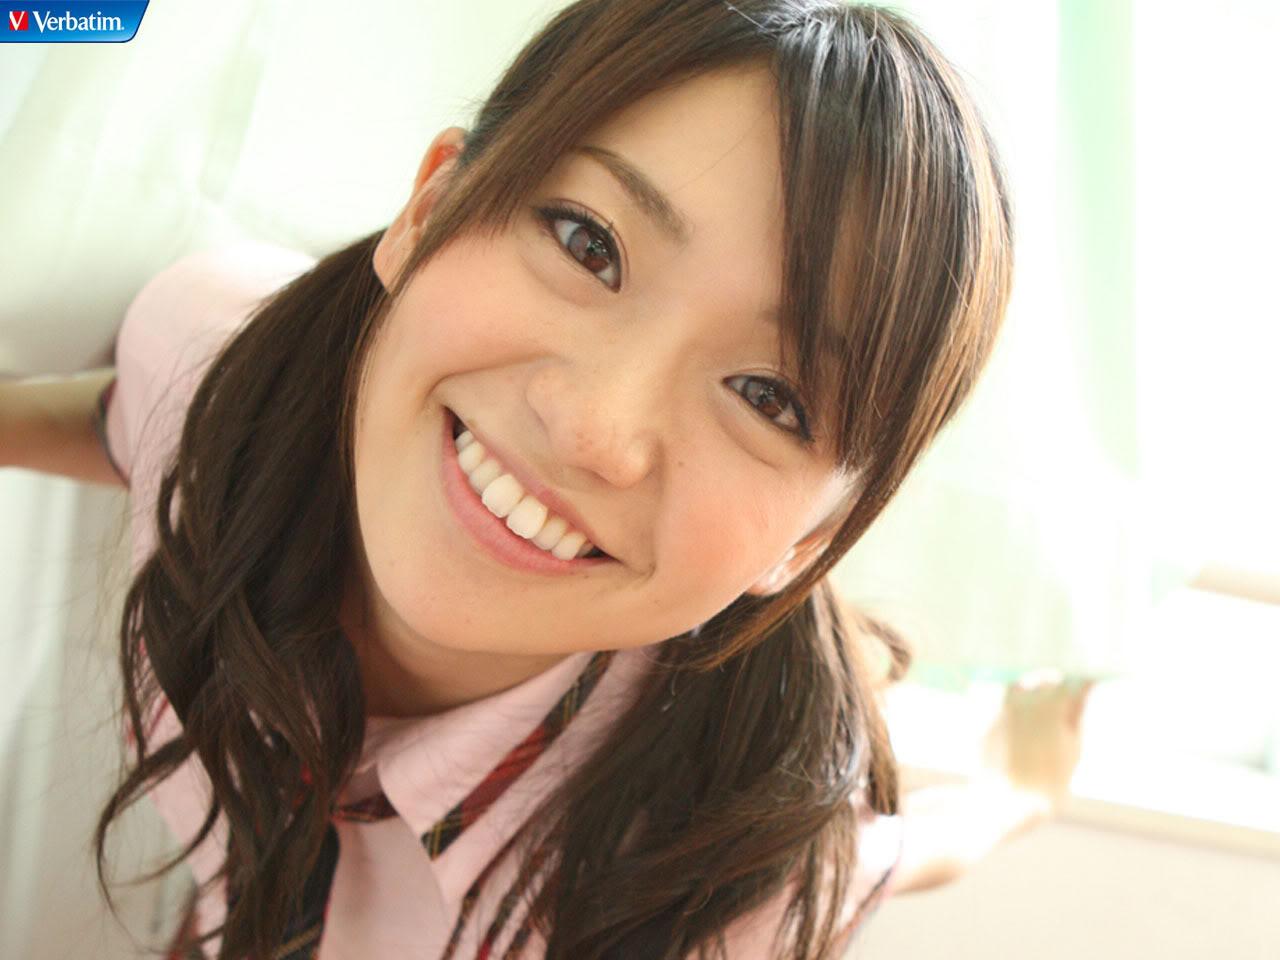 大島優子のCMがかわいすぎると話題に!キュートなその内容をご紹介のサムネイル画像